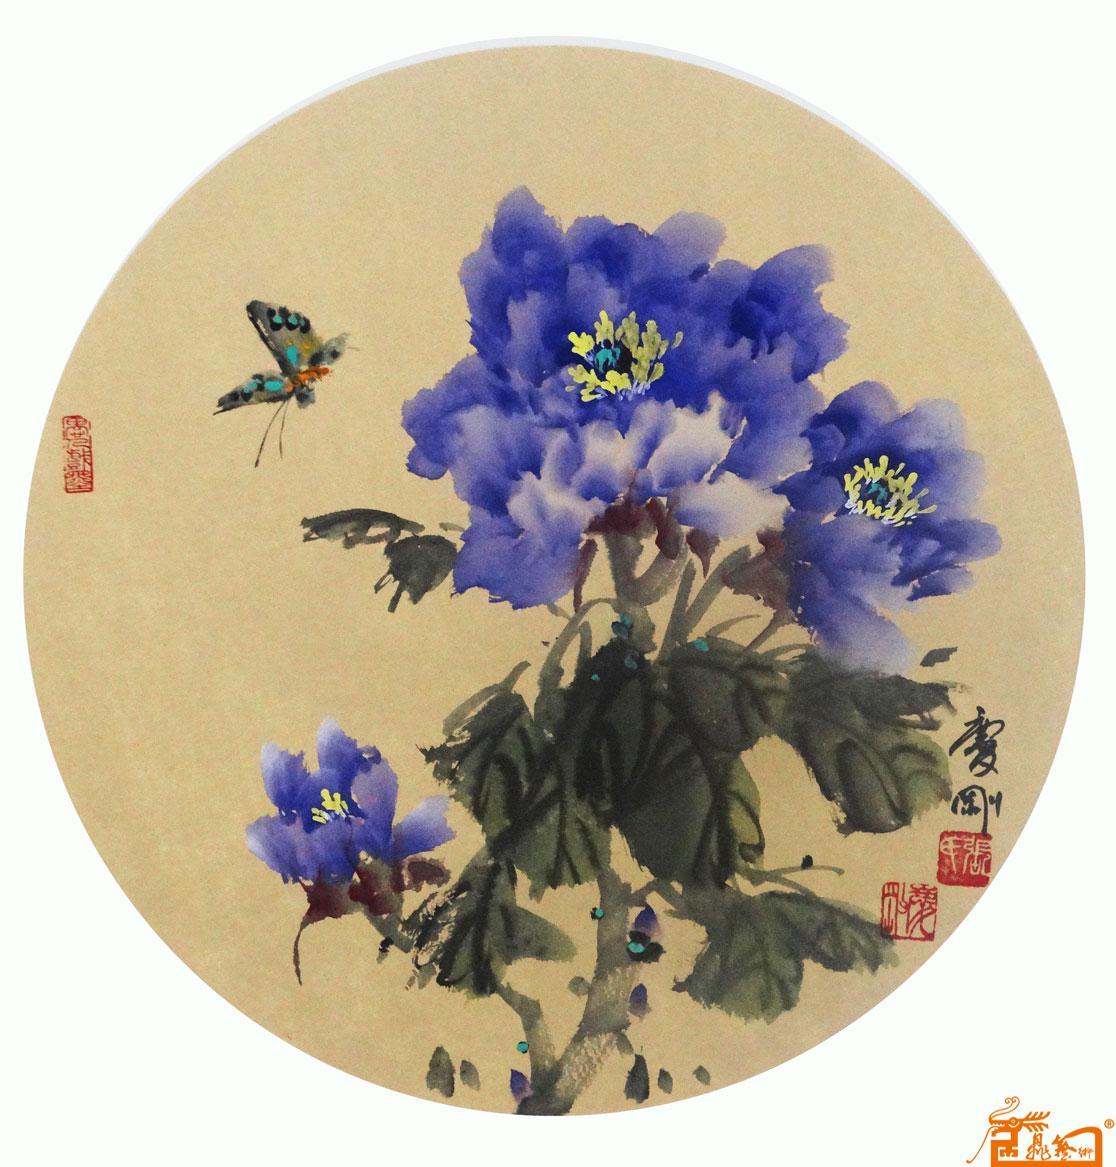 卡通手绘花朵团扇